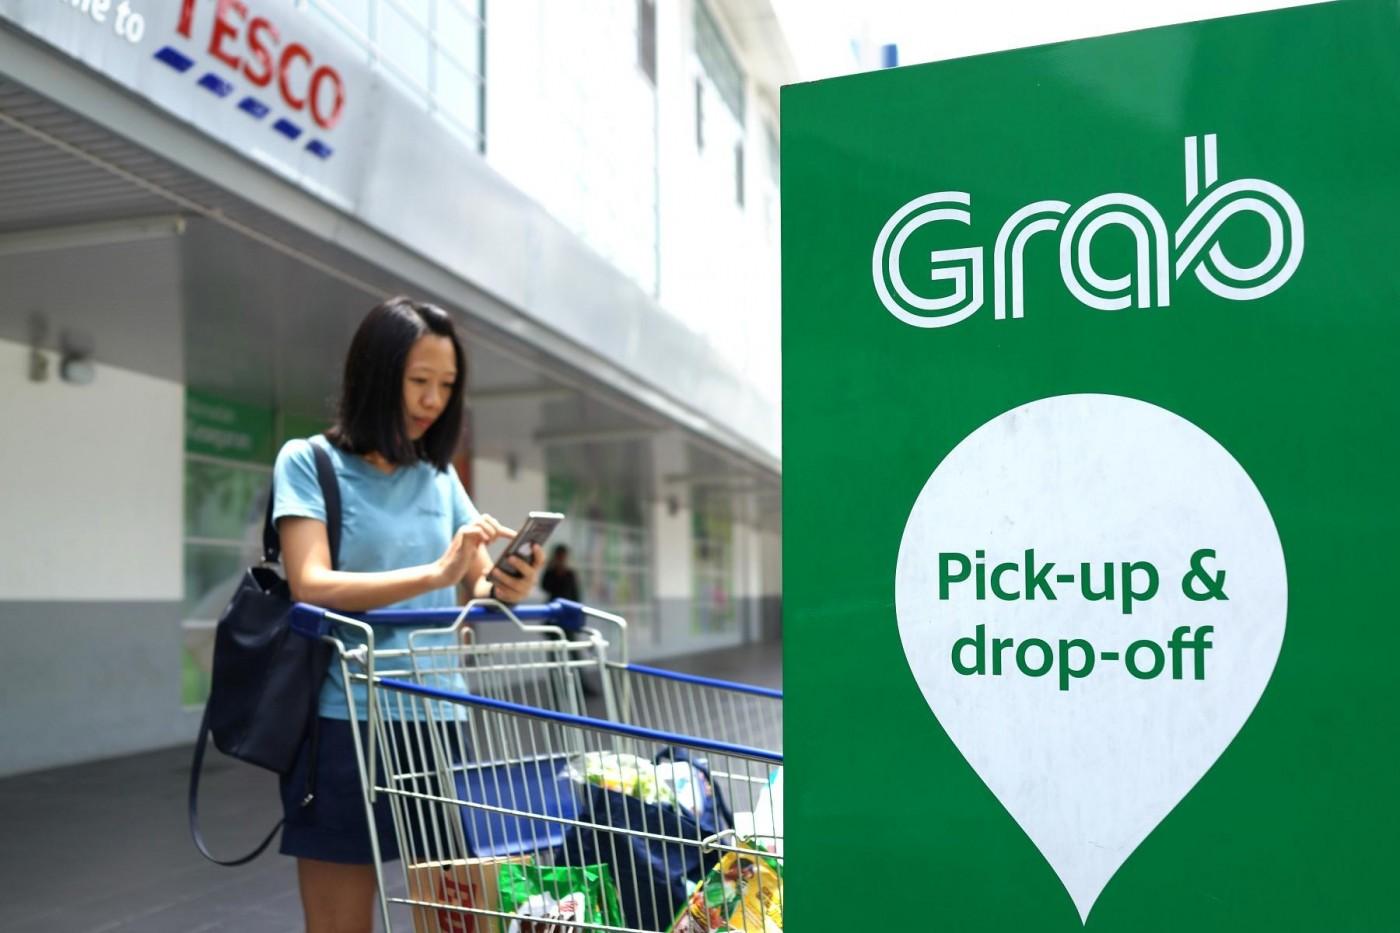 東南亞叫車龍頭Grab獲軟銀450億元投資,總裁:毫無上市打算